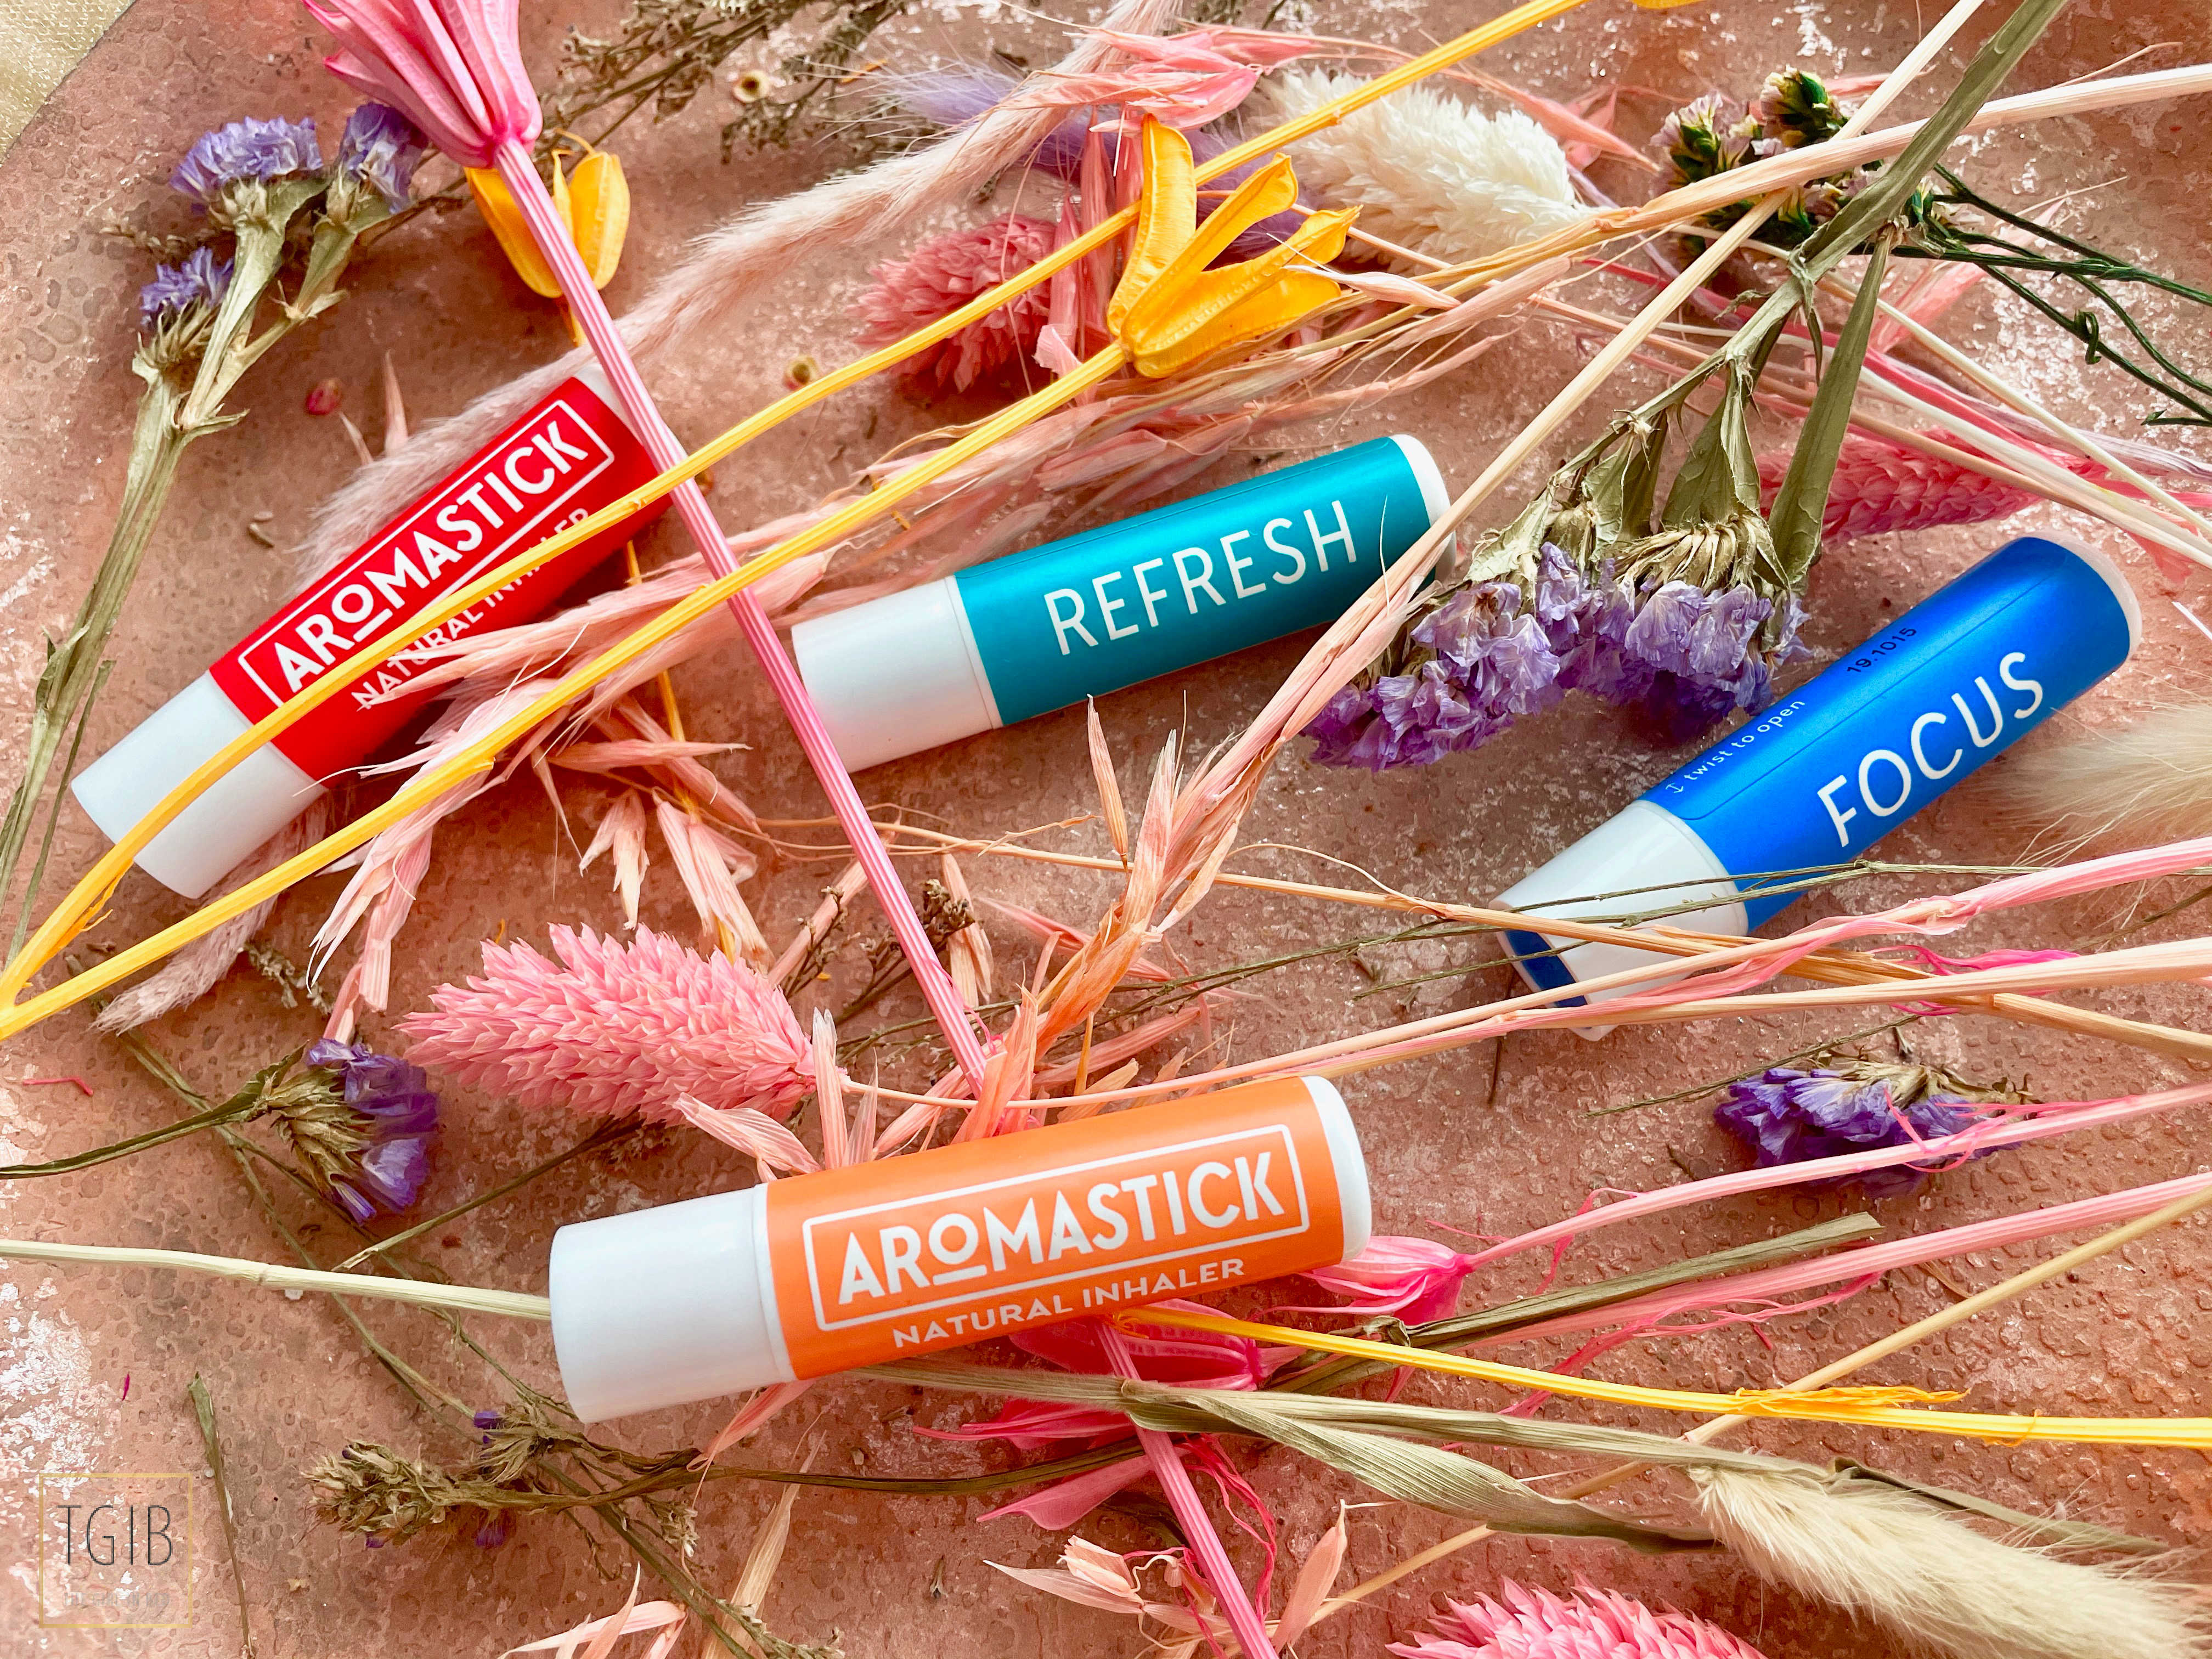 AromaStick review aromasticks